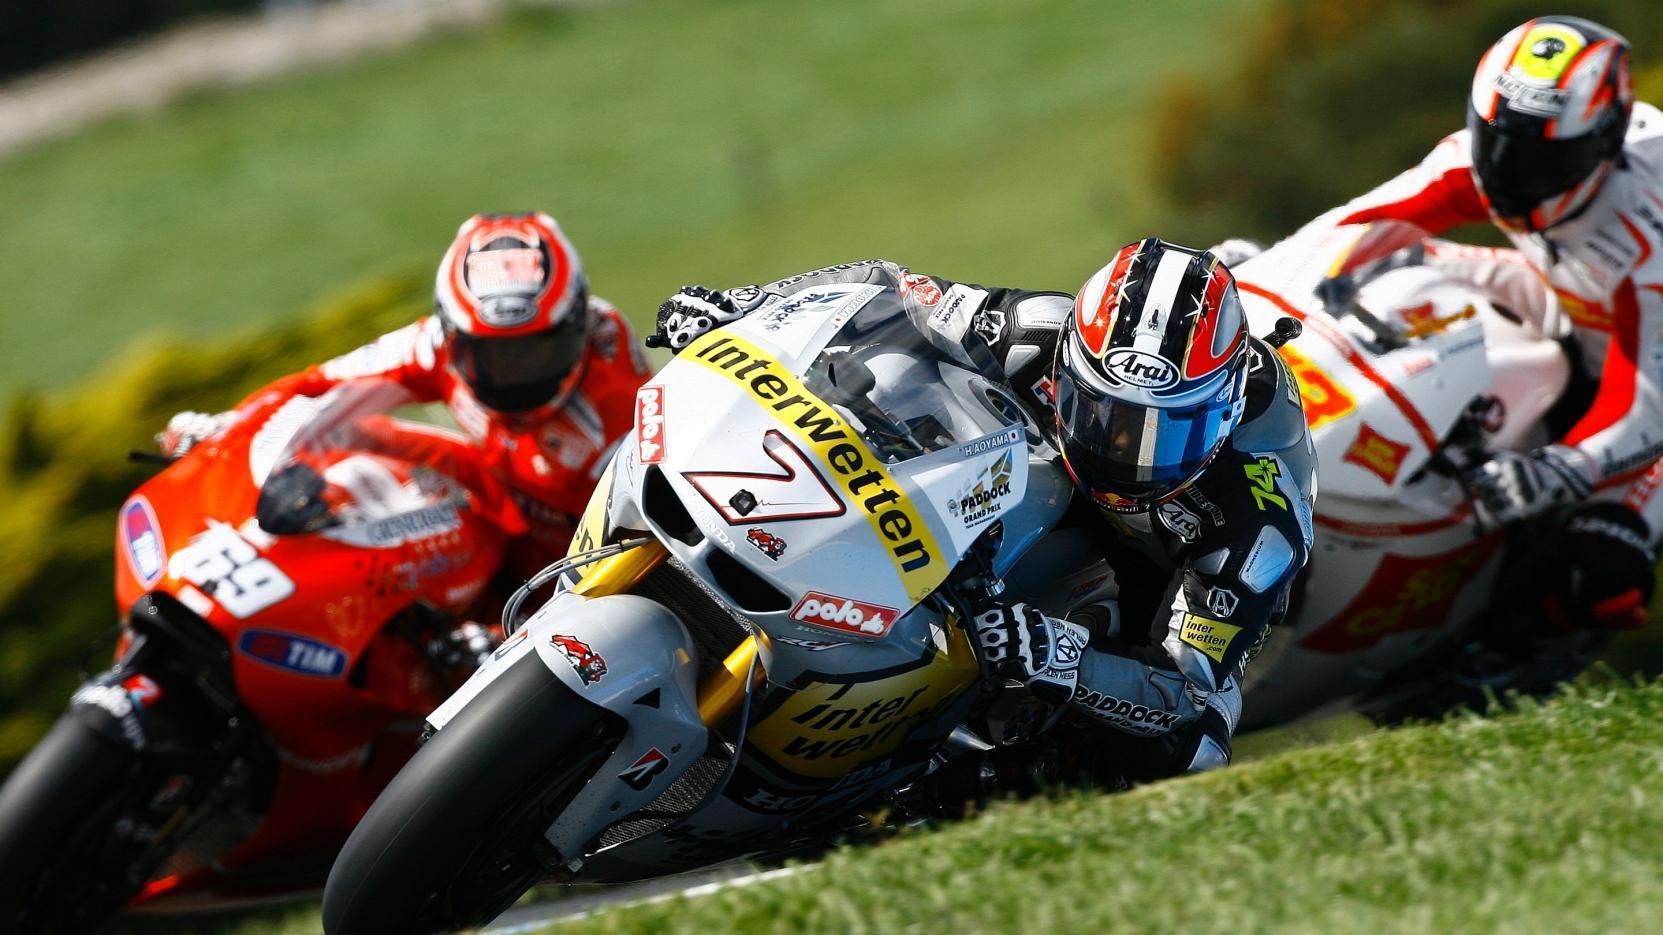 澳大利亚摩托车大奖赛